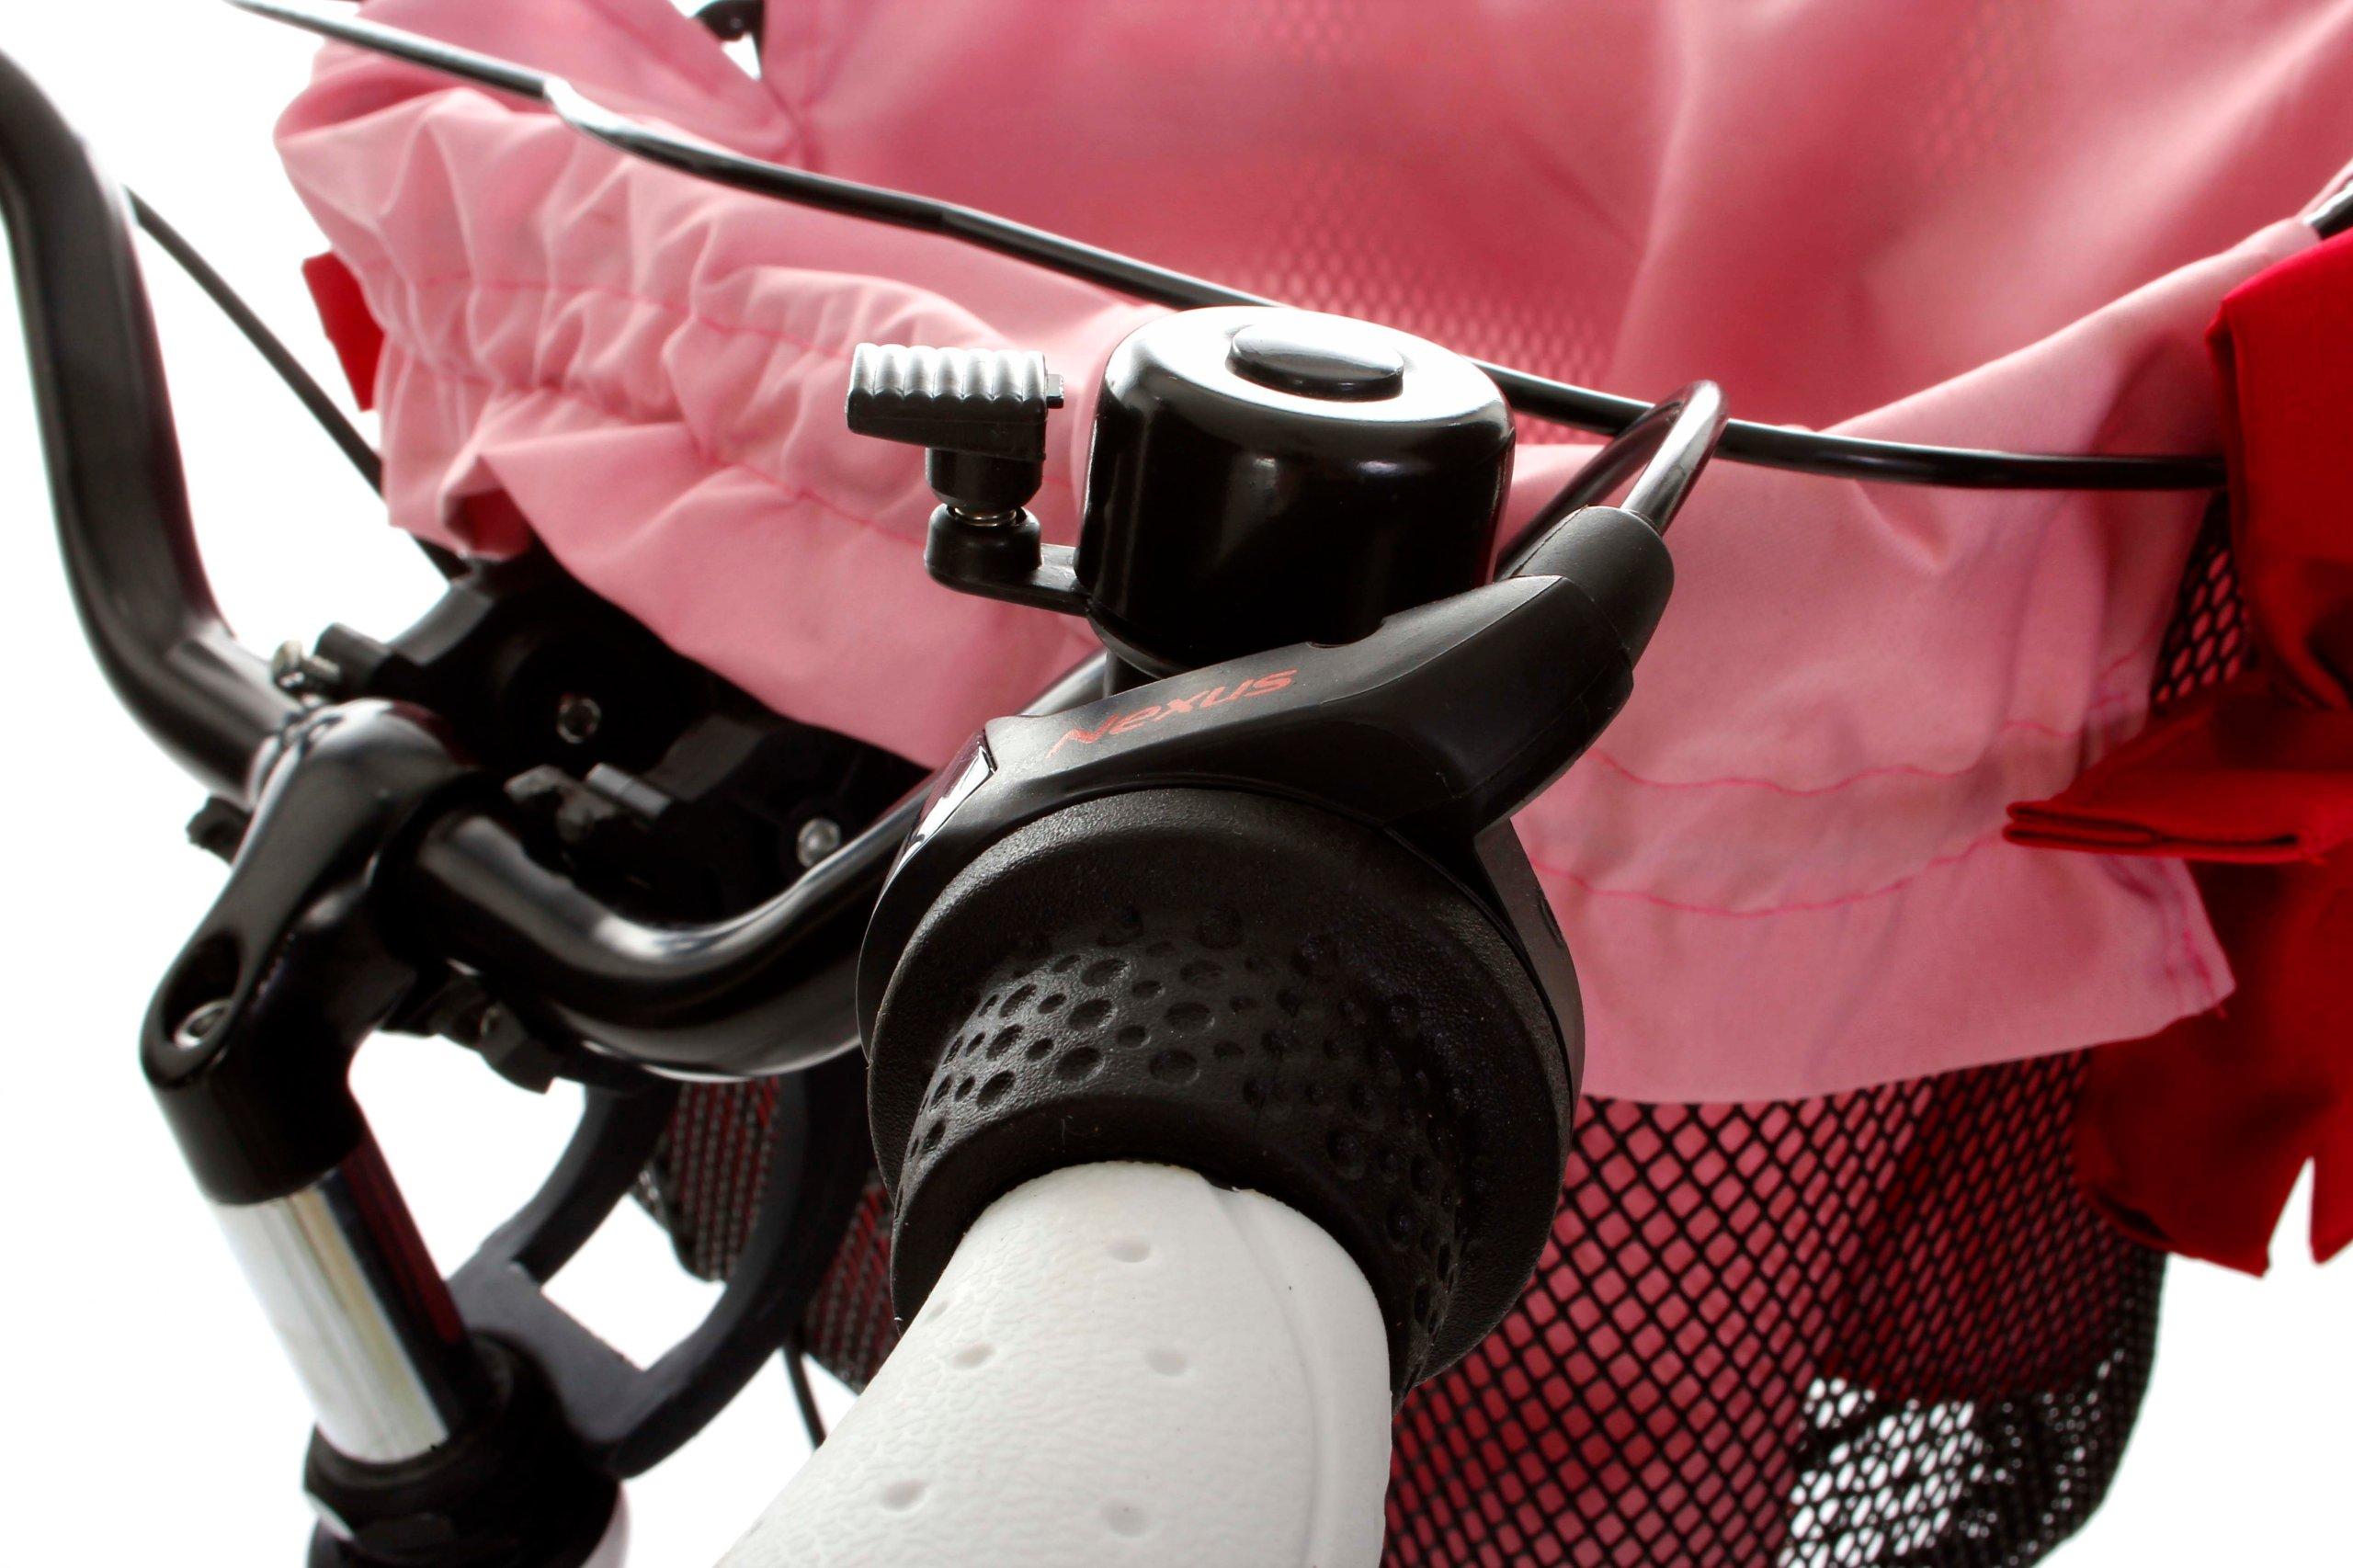 Dámsky mestský bicykel Goetze BLUEBERRY 26 3b košík!  Chýbajú odpisy